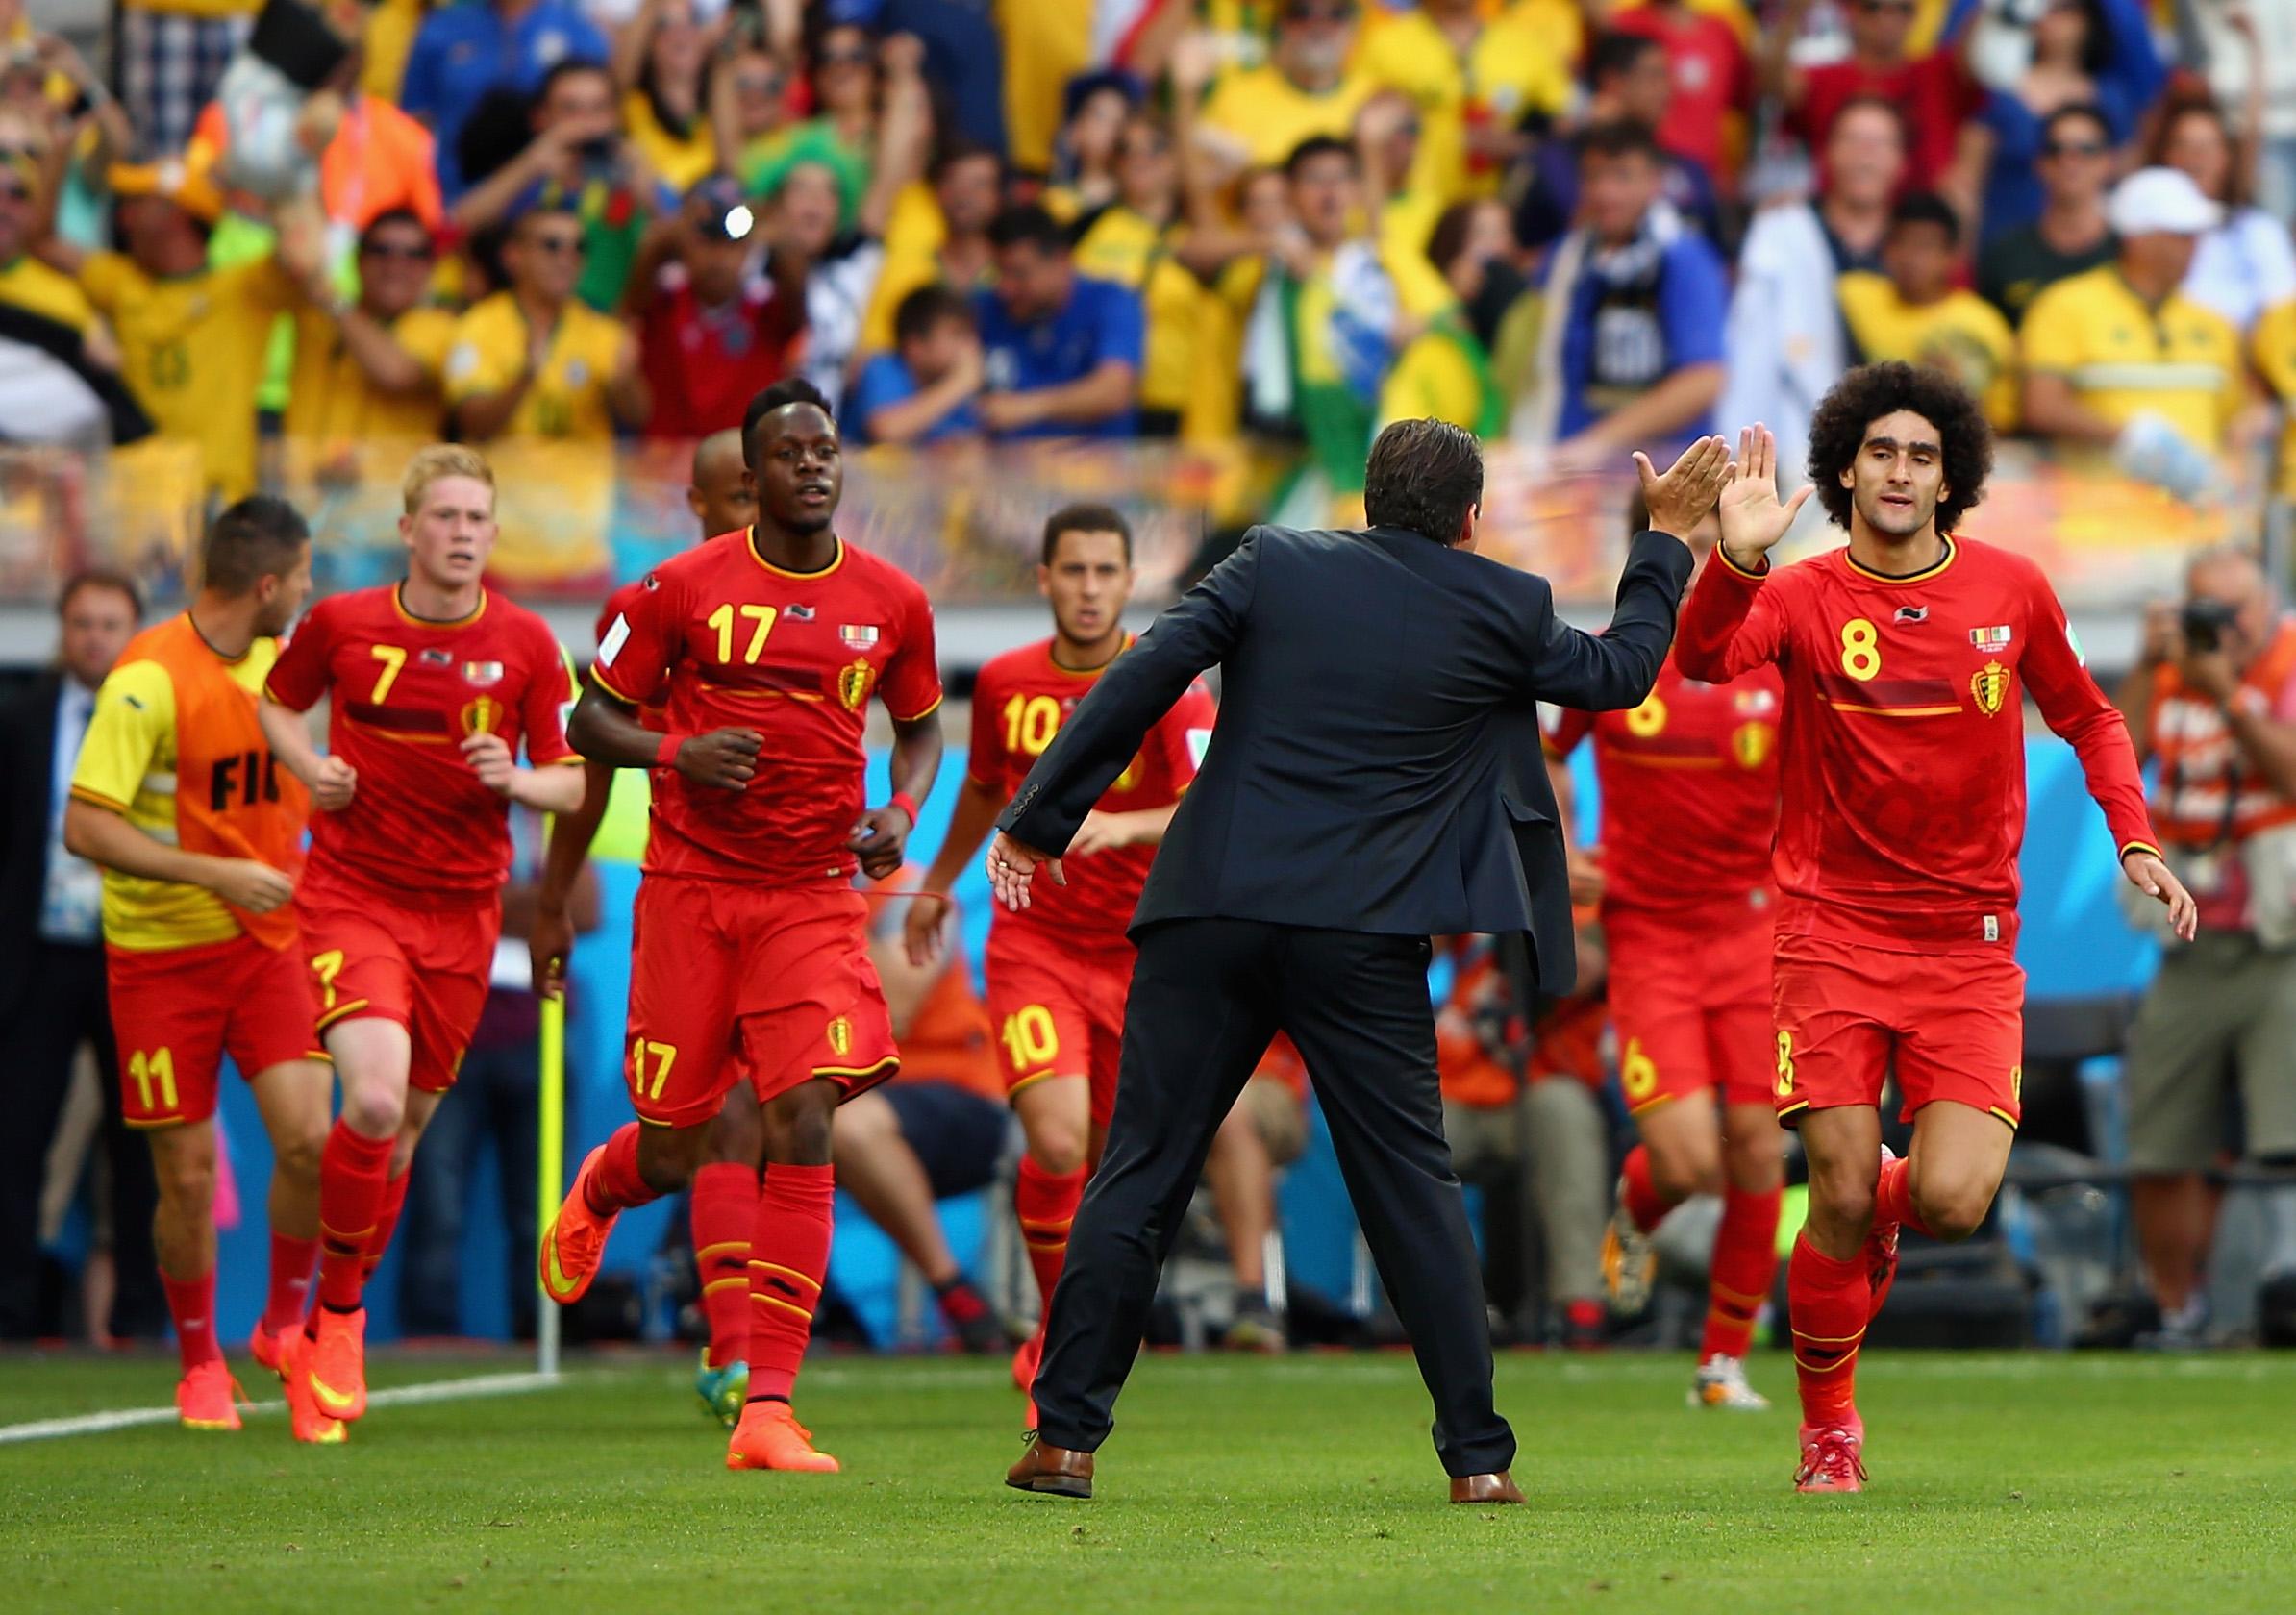 Футбол прямая трансляция россия бельгия смотреть онлайн 13 фотография